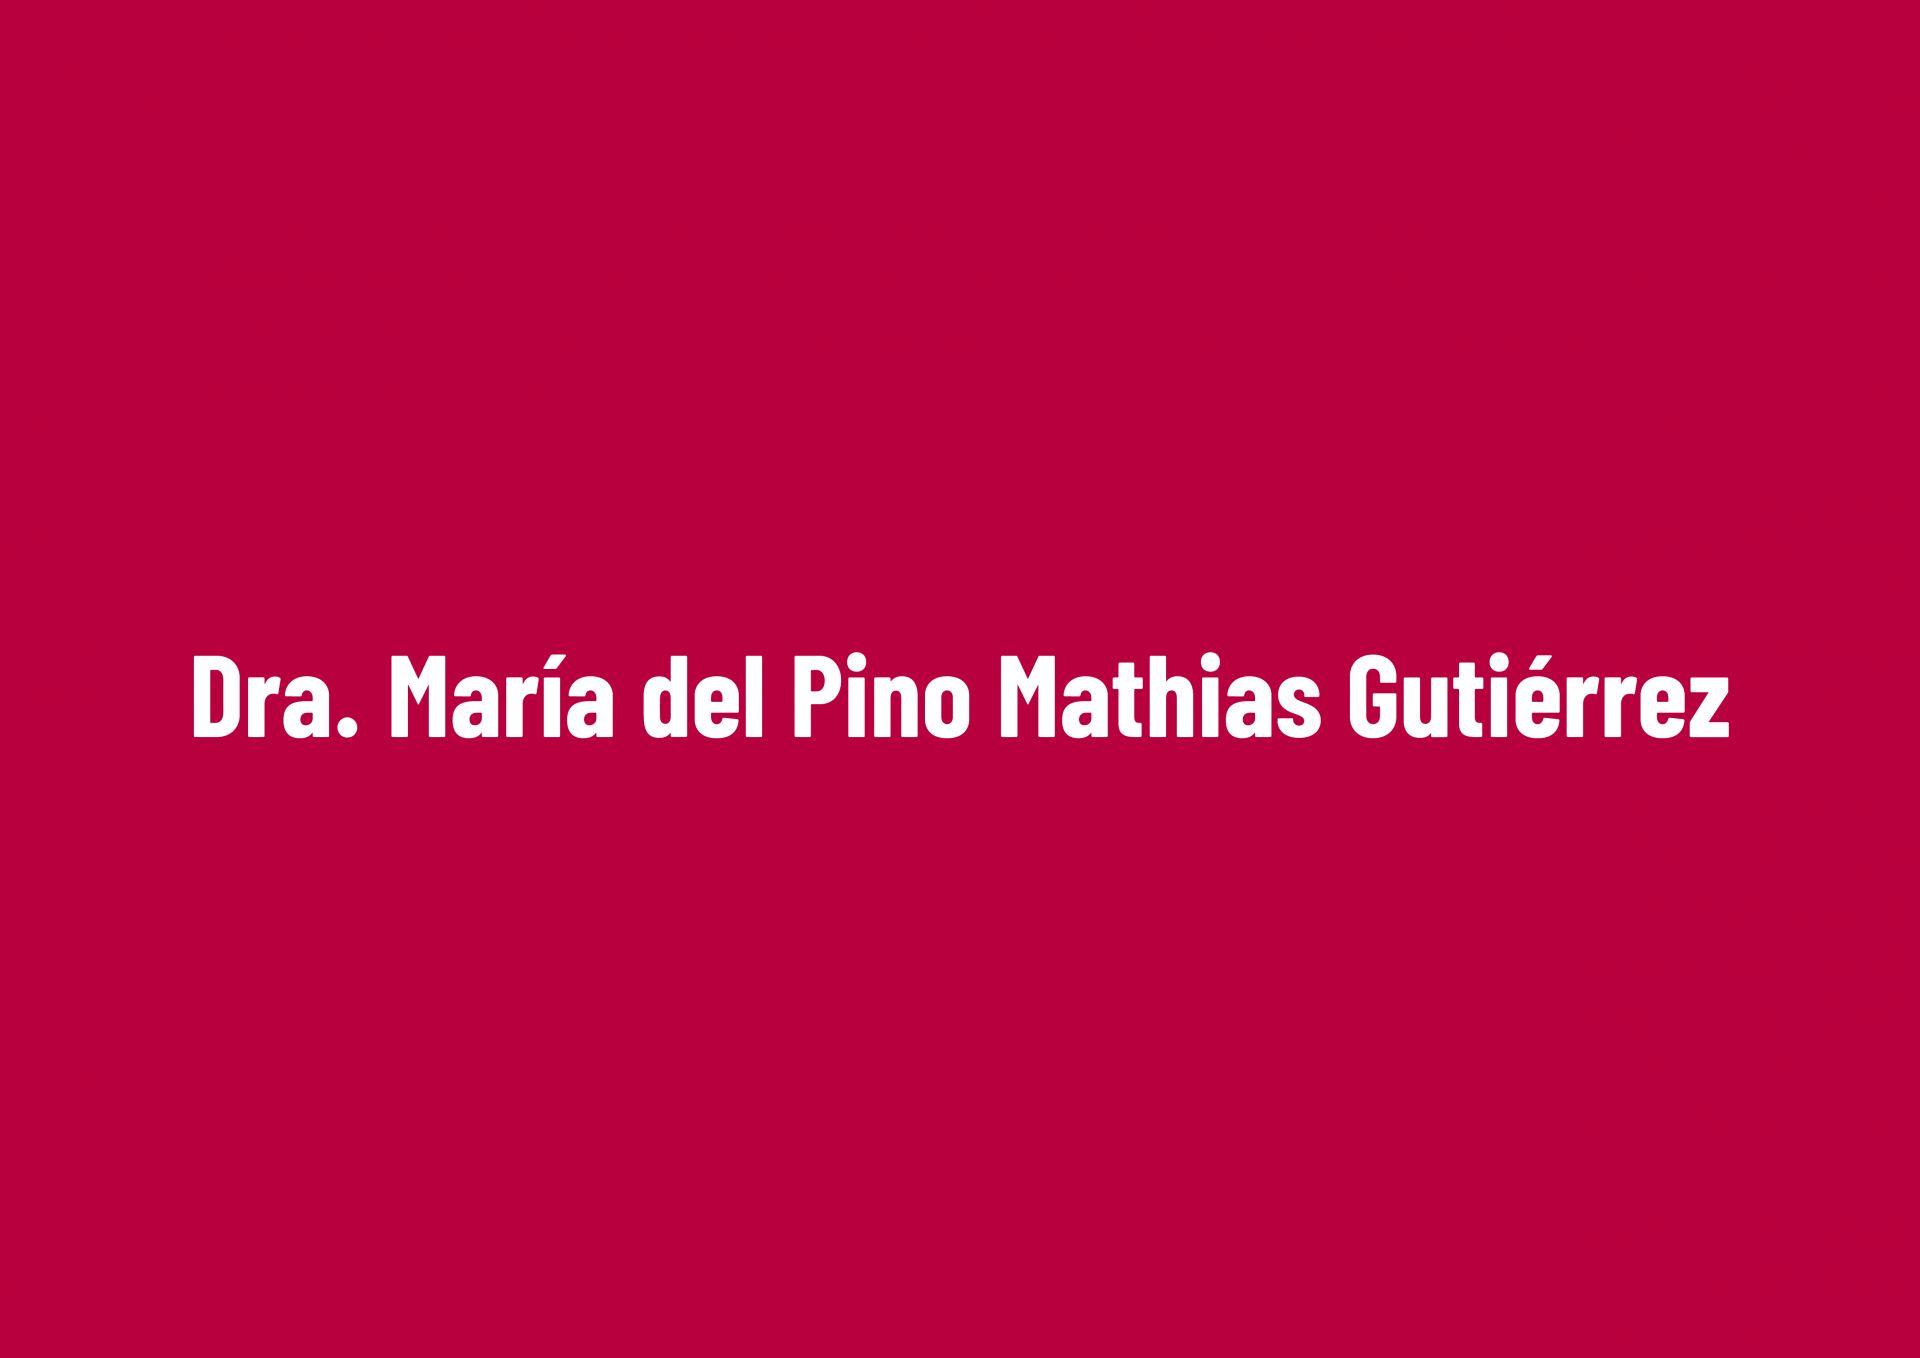 Dra. María del Pino Mathias Gutiérrez